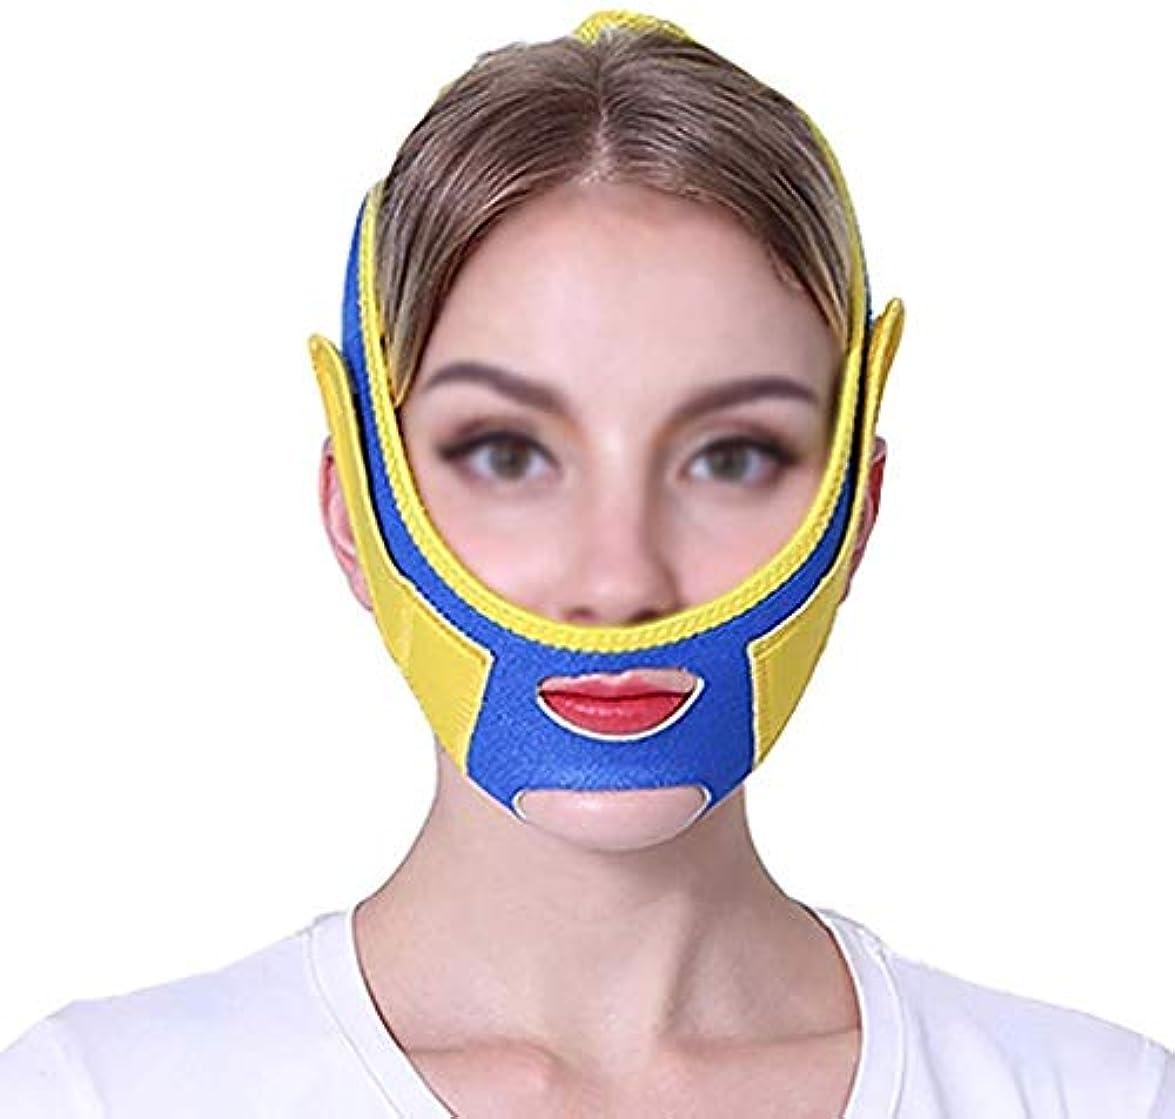 失速ラベ周波数美容と実用的なファーミングフェイスマスク、スモールVフェイスアーティファクトリフティングマスクフェイスリフティングフェイスメロンフェイスリフティングフェイスファーミングクリームフェイスリフティングバンデージ